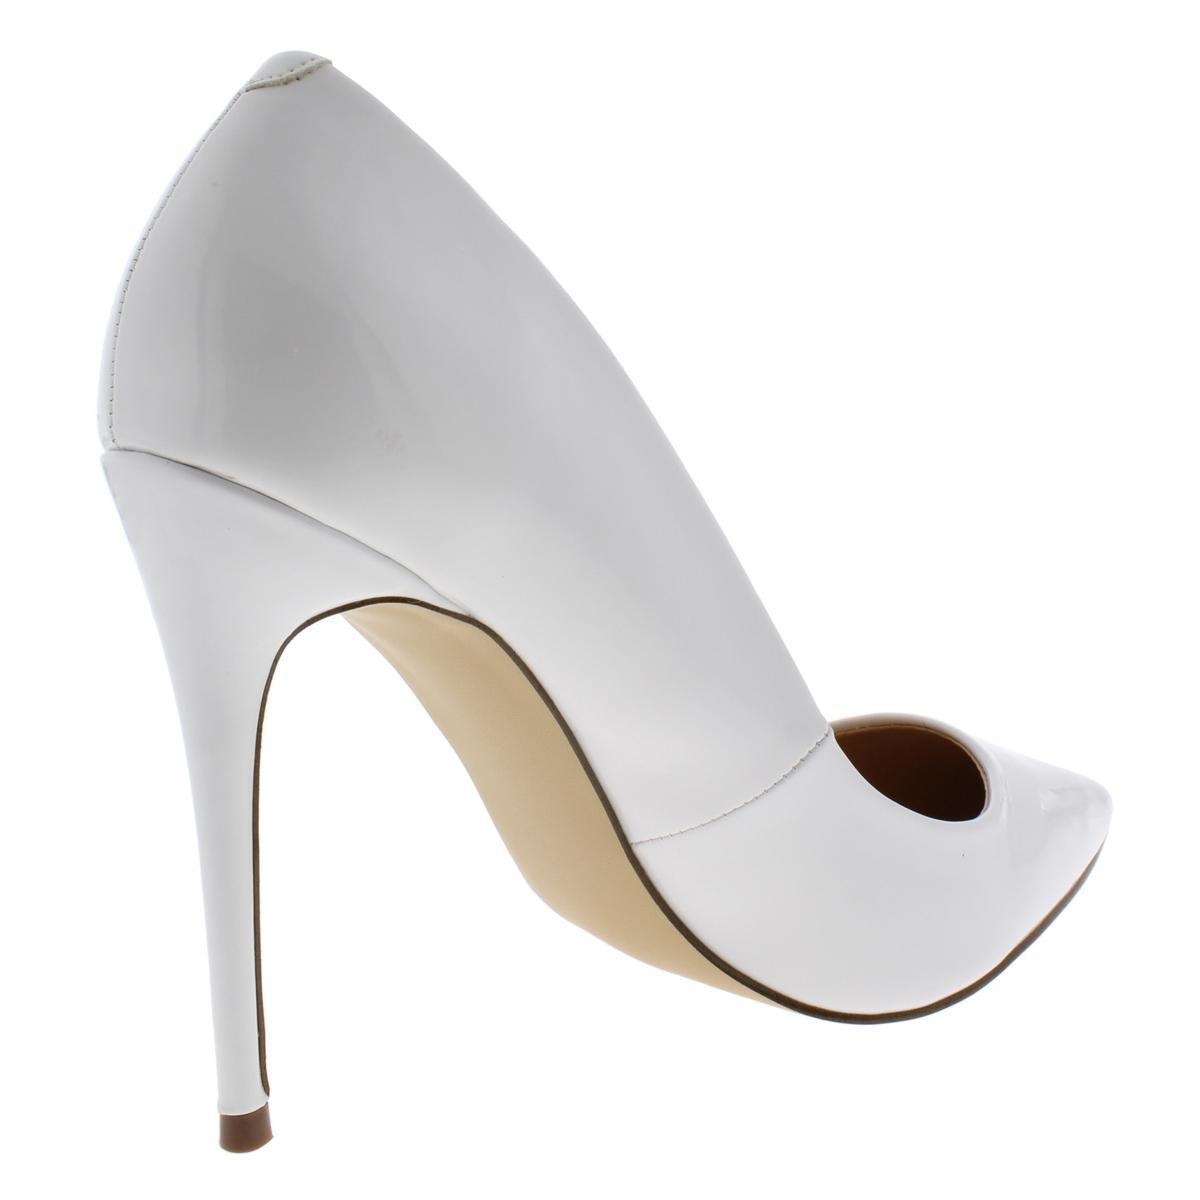 Steve-Madden-Womens-Daisie-Evening-Heels-Shoes-BHFO-4616 thumbnail 22